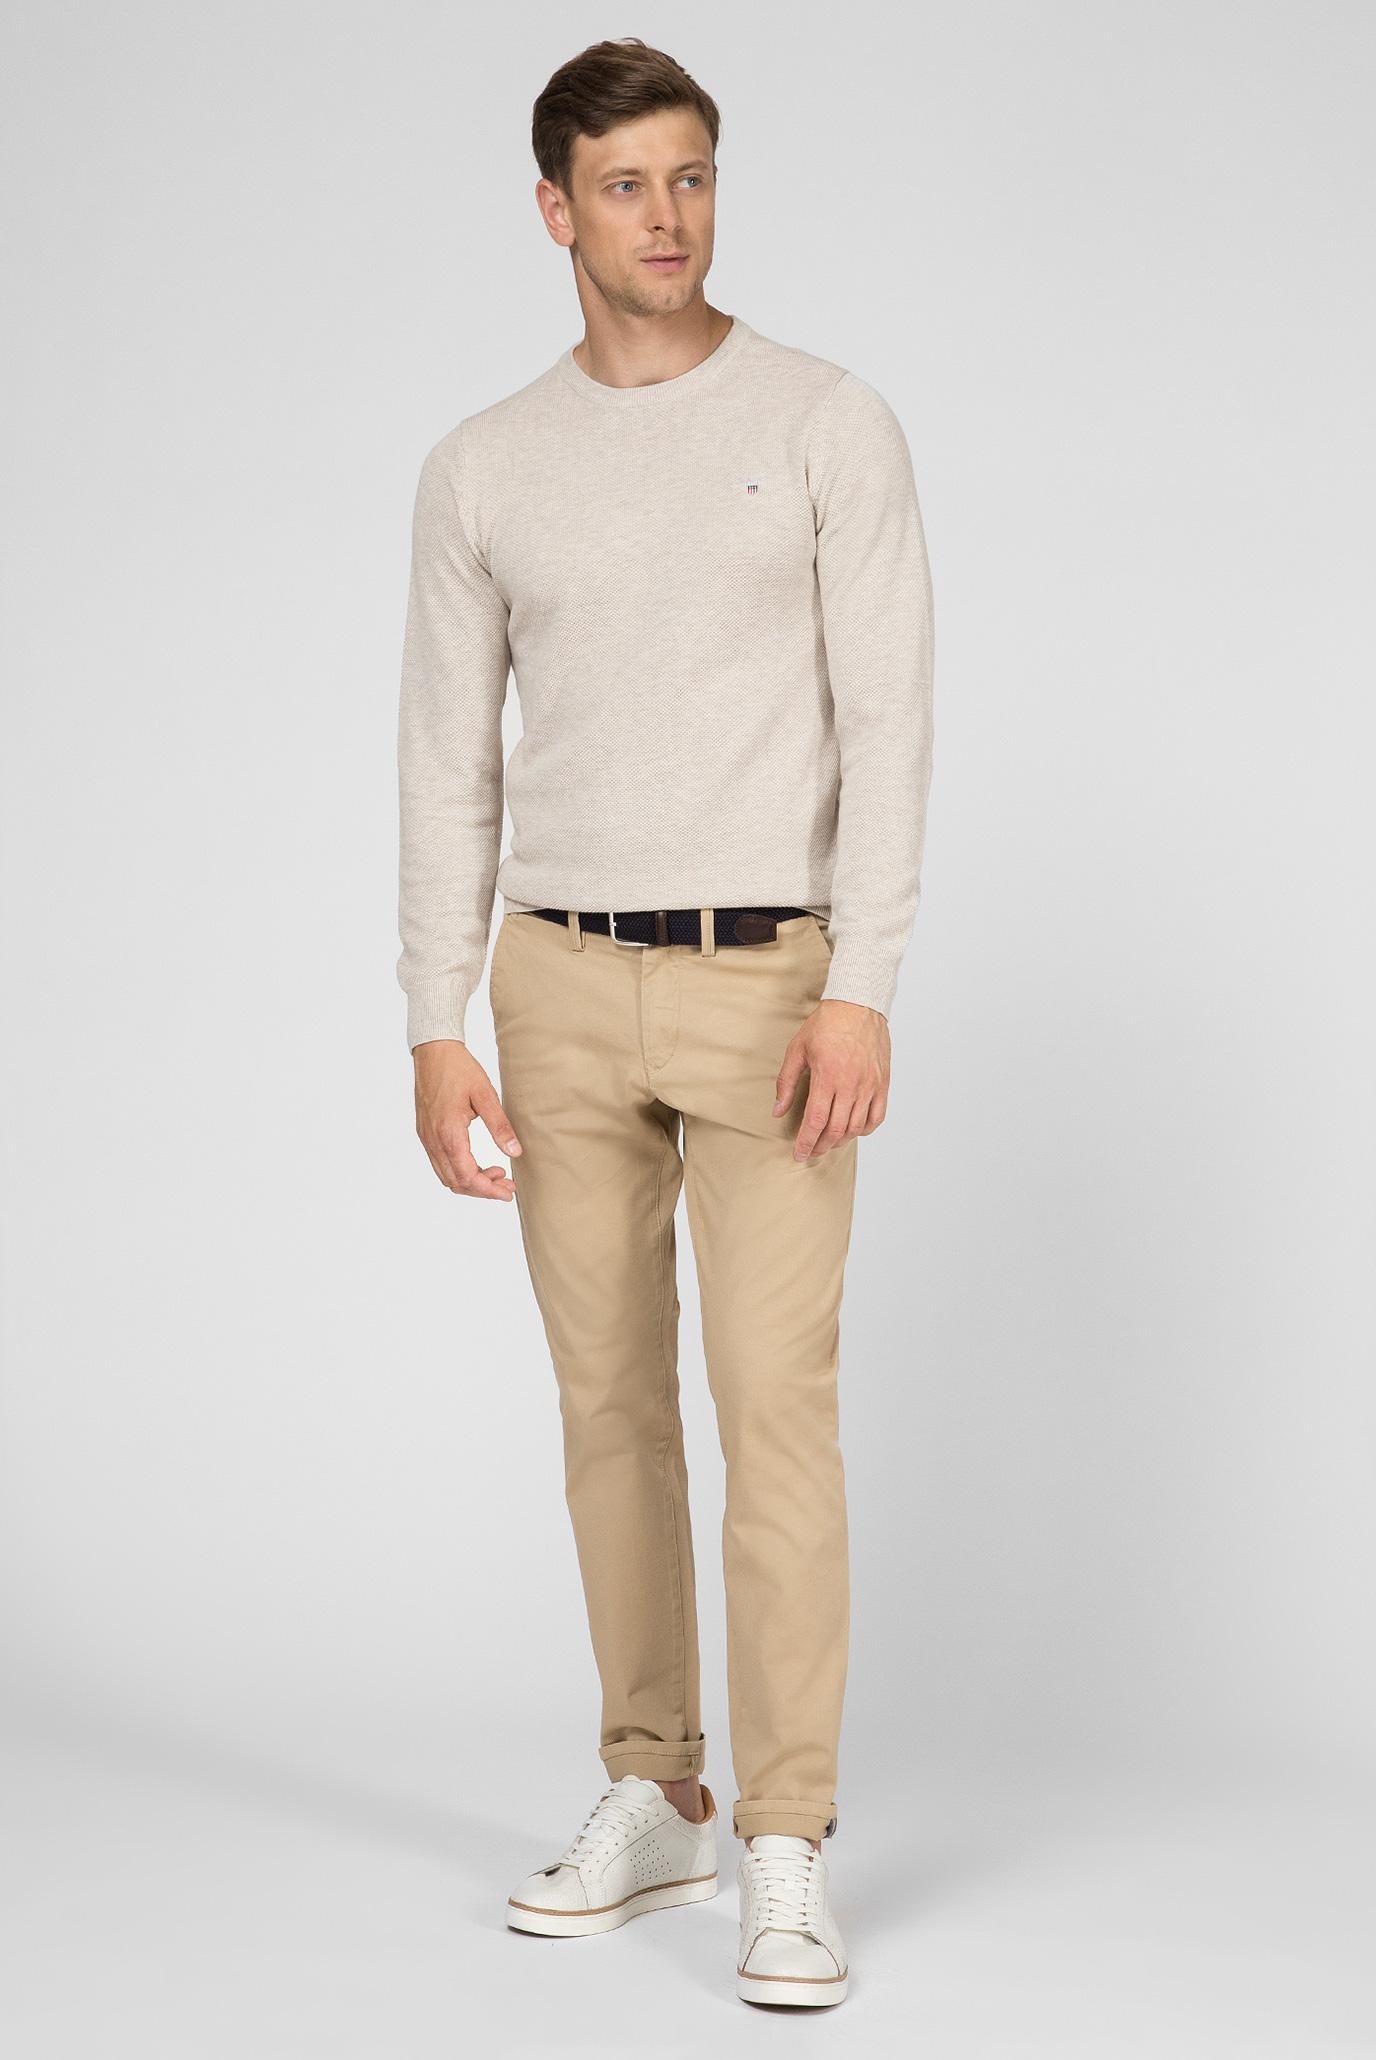 Купить Мужской светло-бежевый джемпер COTTON PIQUE Gant Gant 80021 – Киев, Украина. Цены в интернет магазине MD Fashion